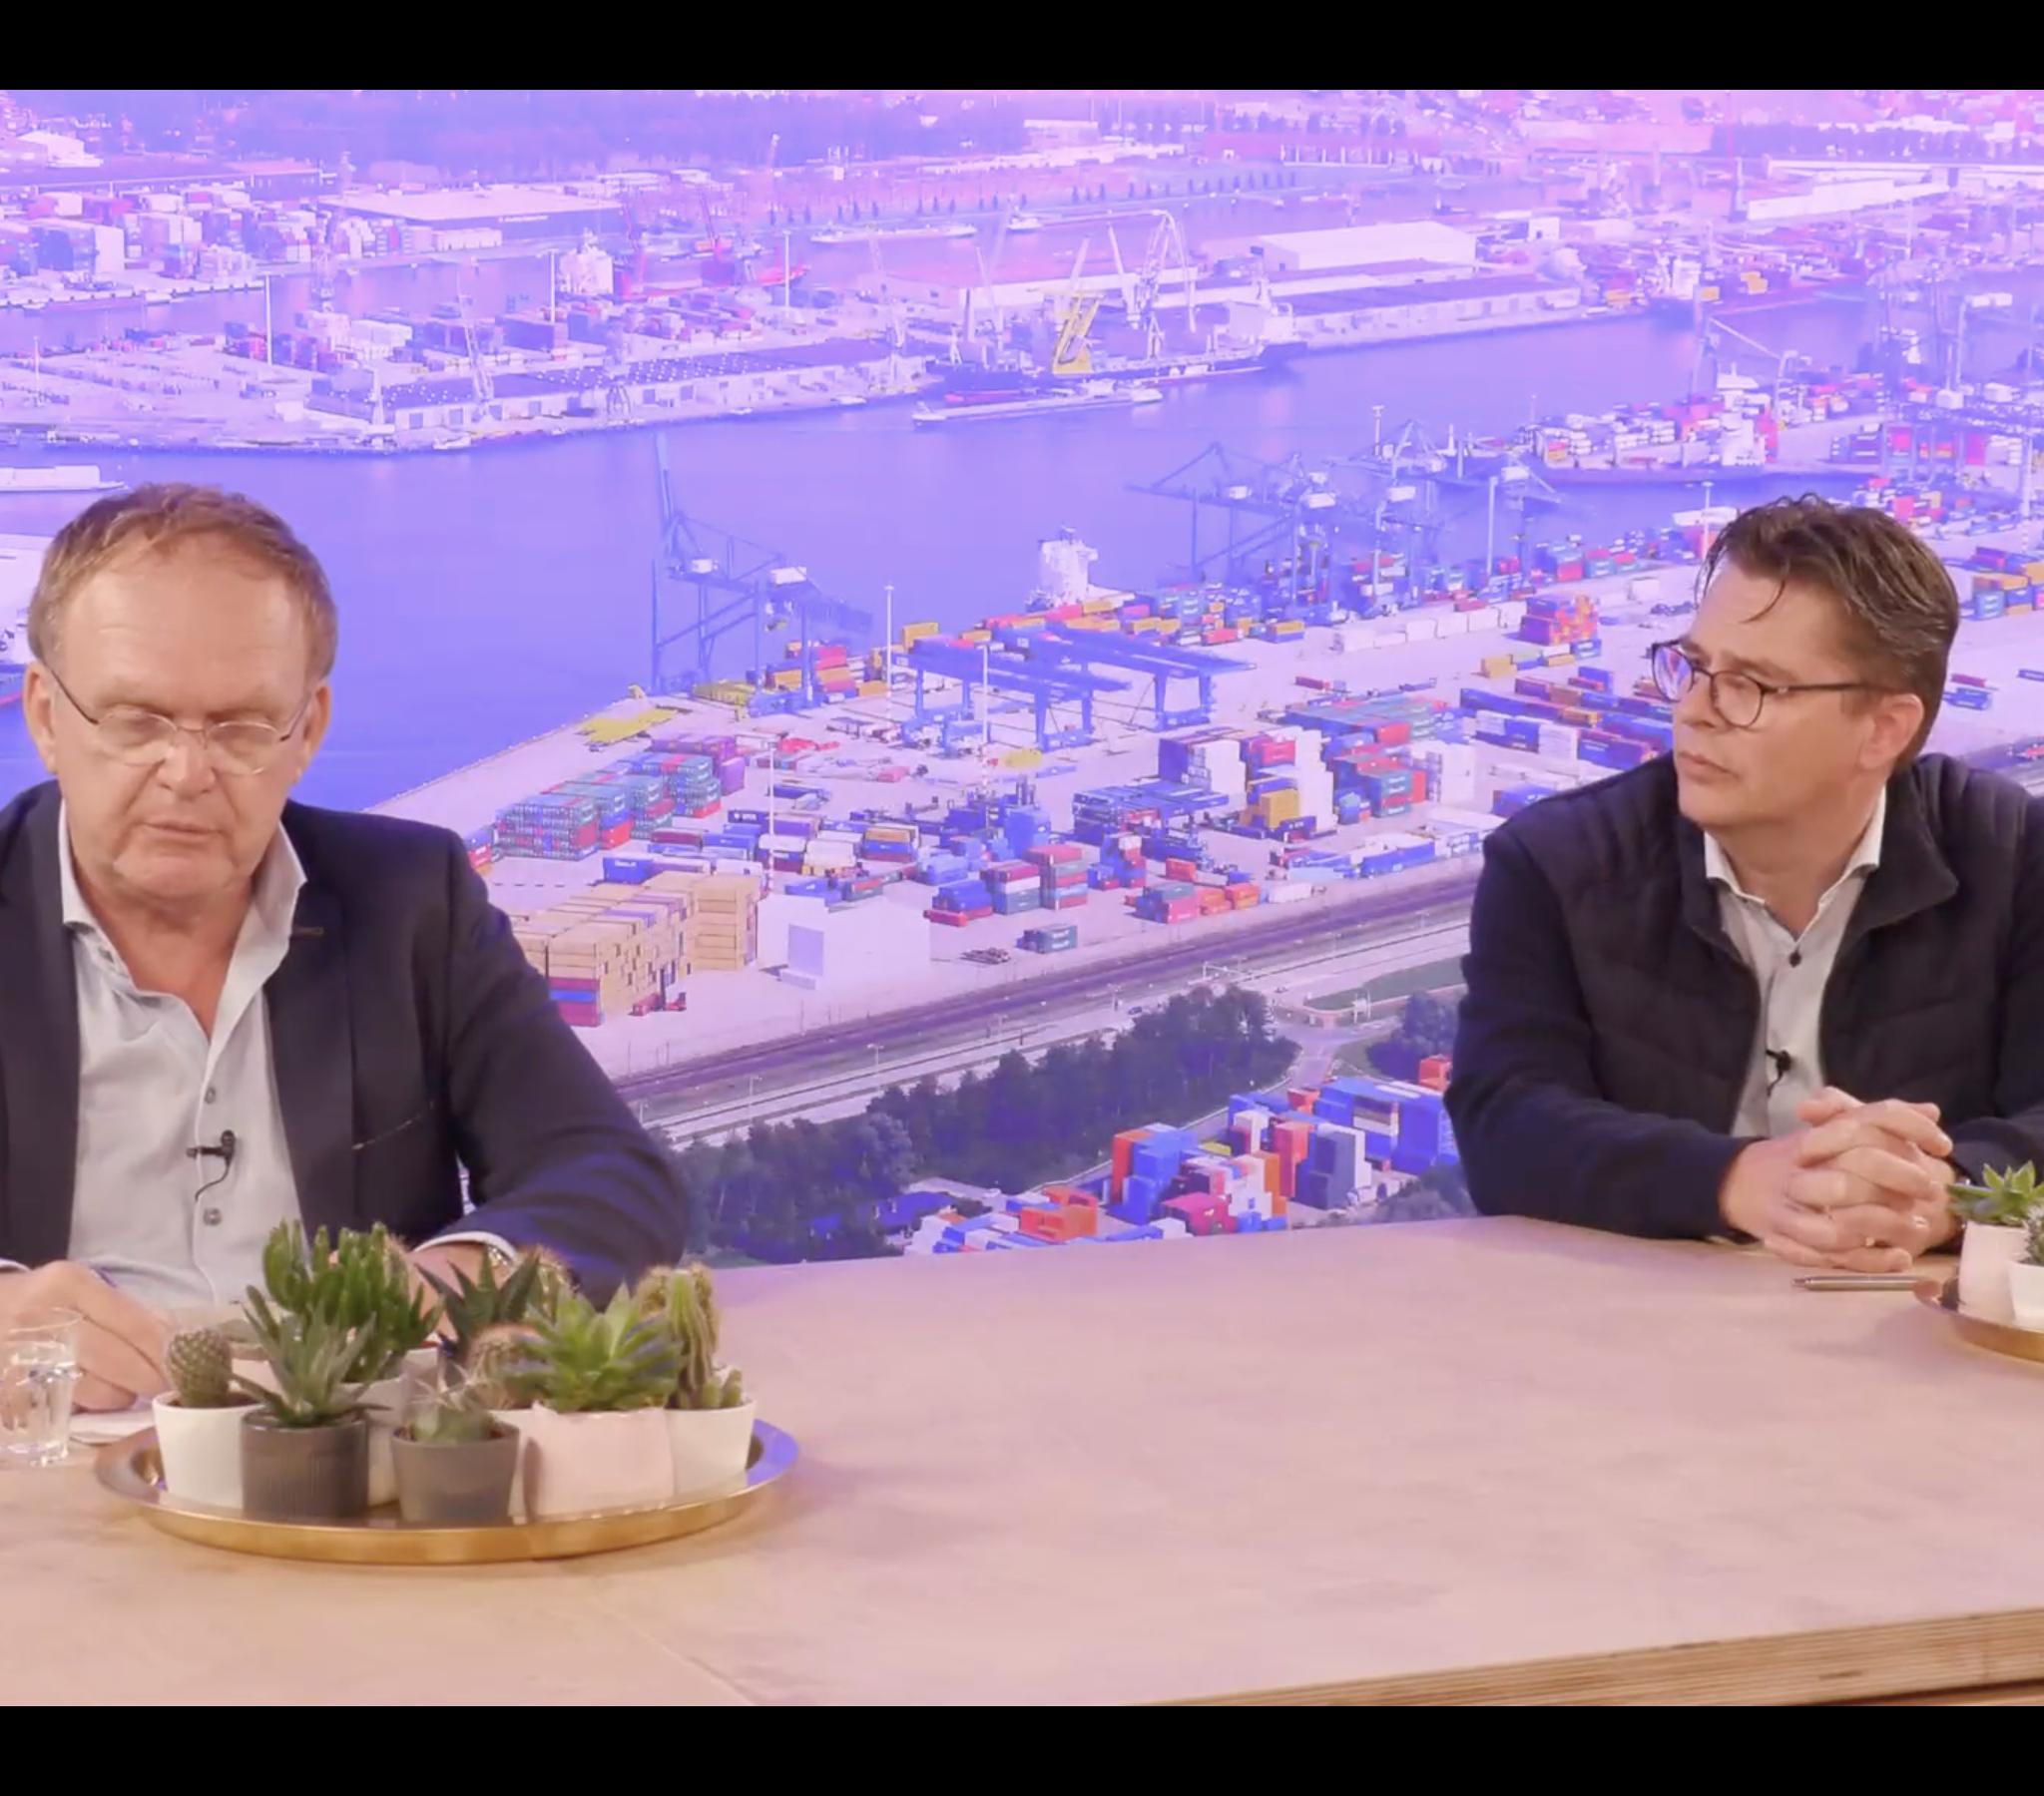 Arie Arensman en Dolf Kornet aan tafel tijdens Studio Schuttevaer Duikt Dieper. (Beeld uit uitzending)